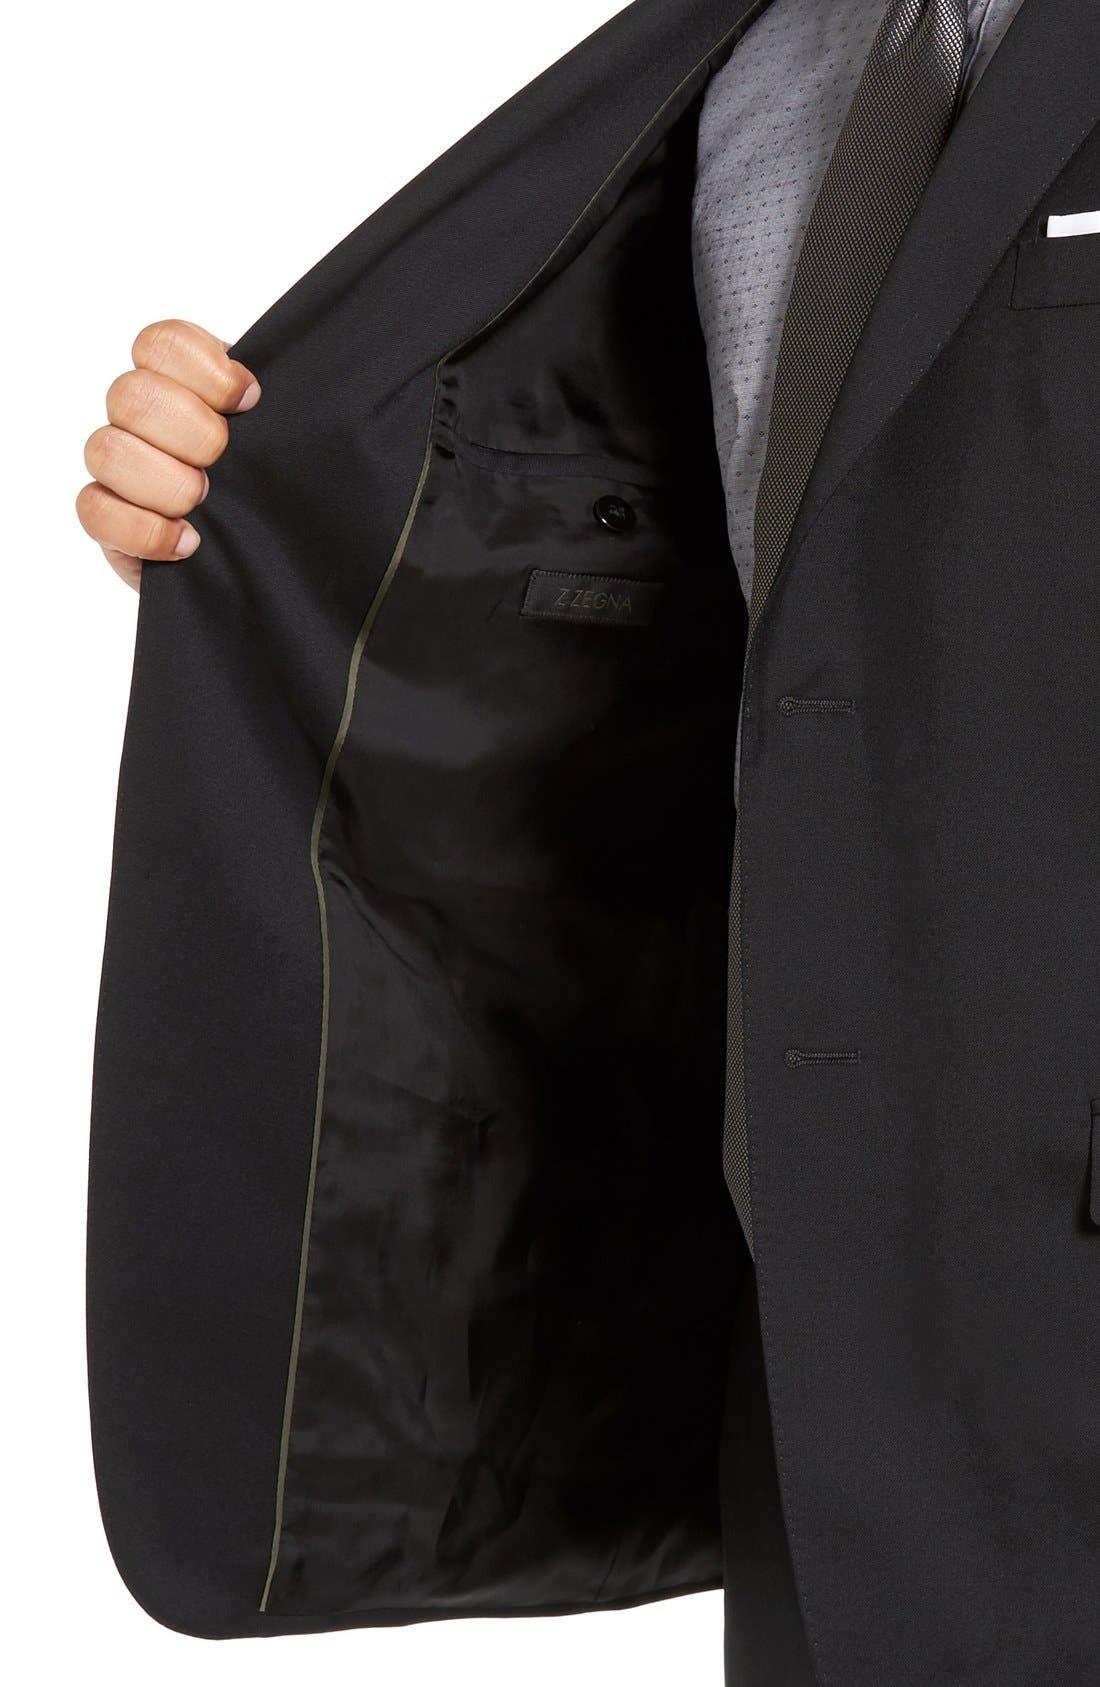 Drop 7 Trim Fit Wool Suit,                             Alternate thumbnail 7, color,                             001